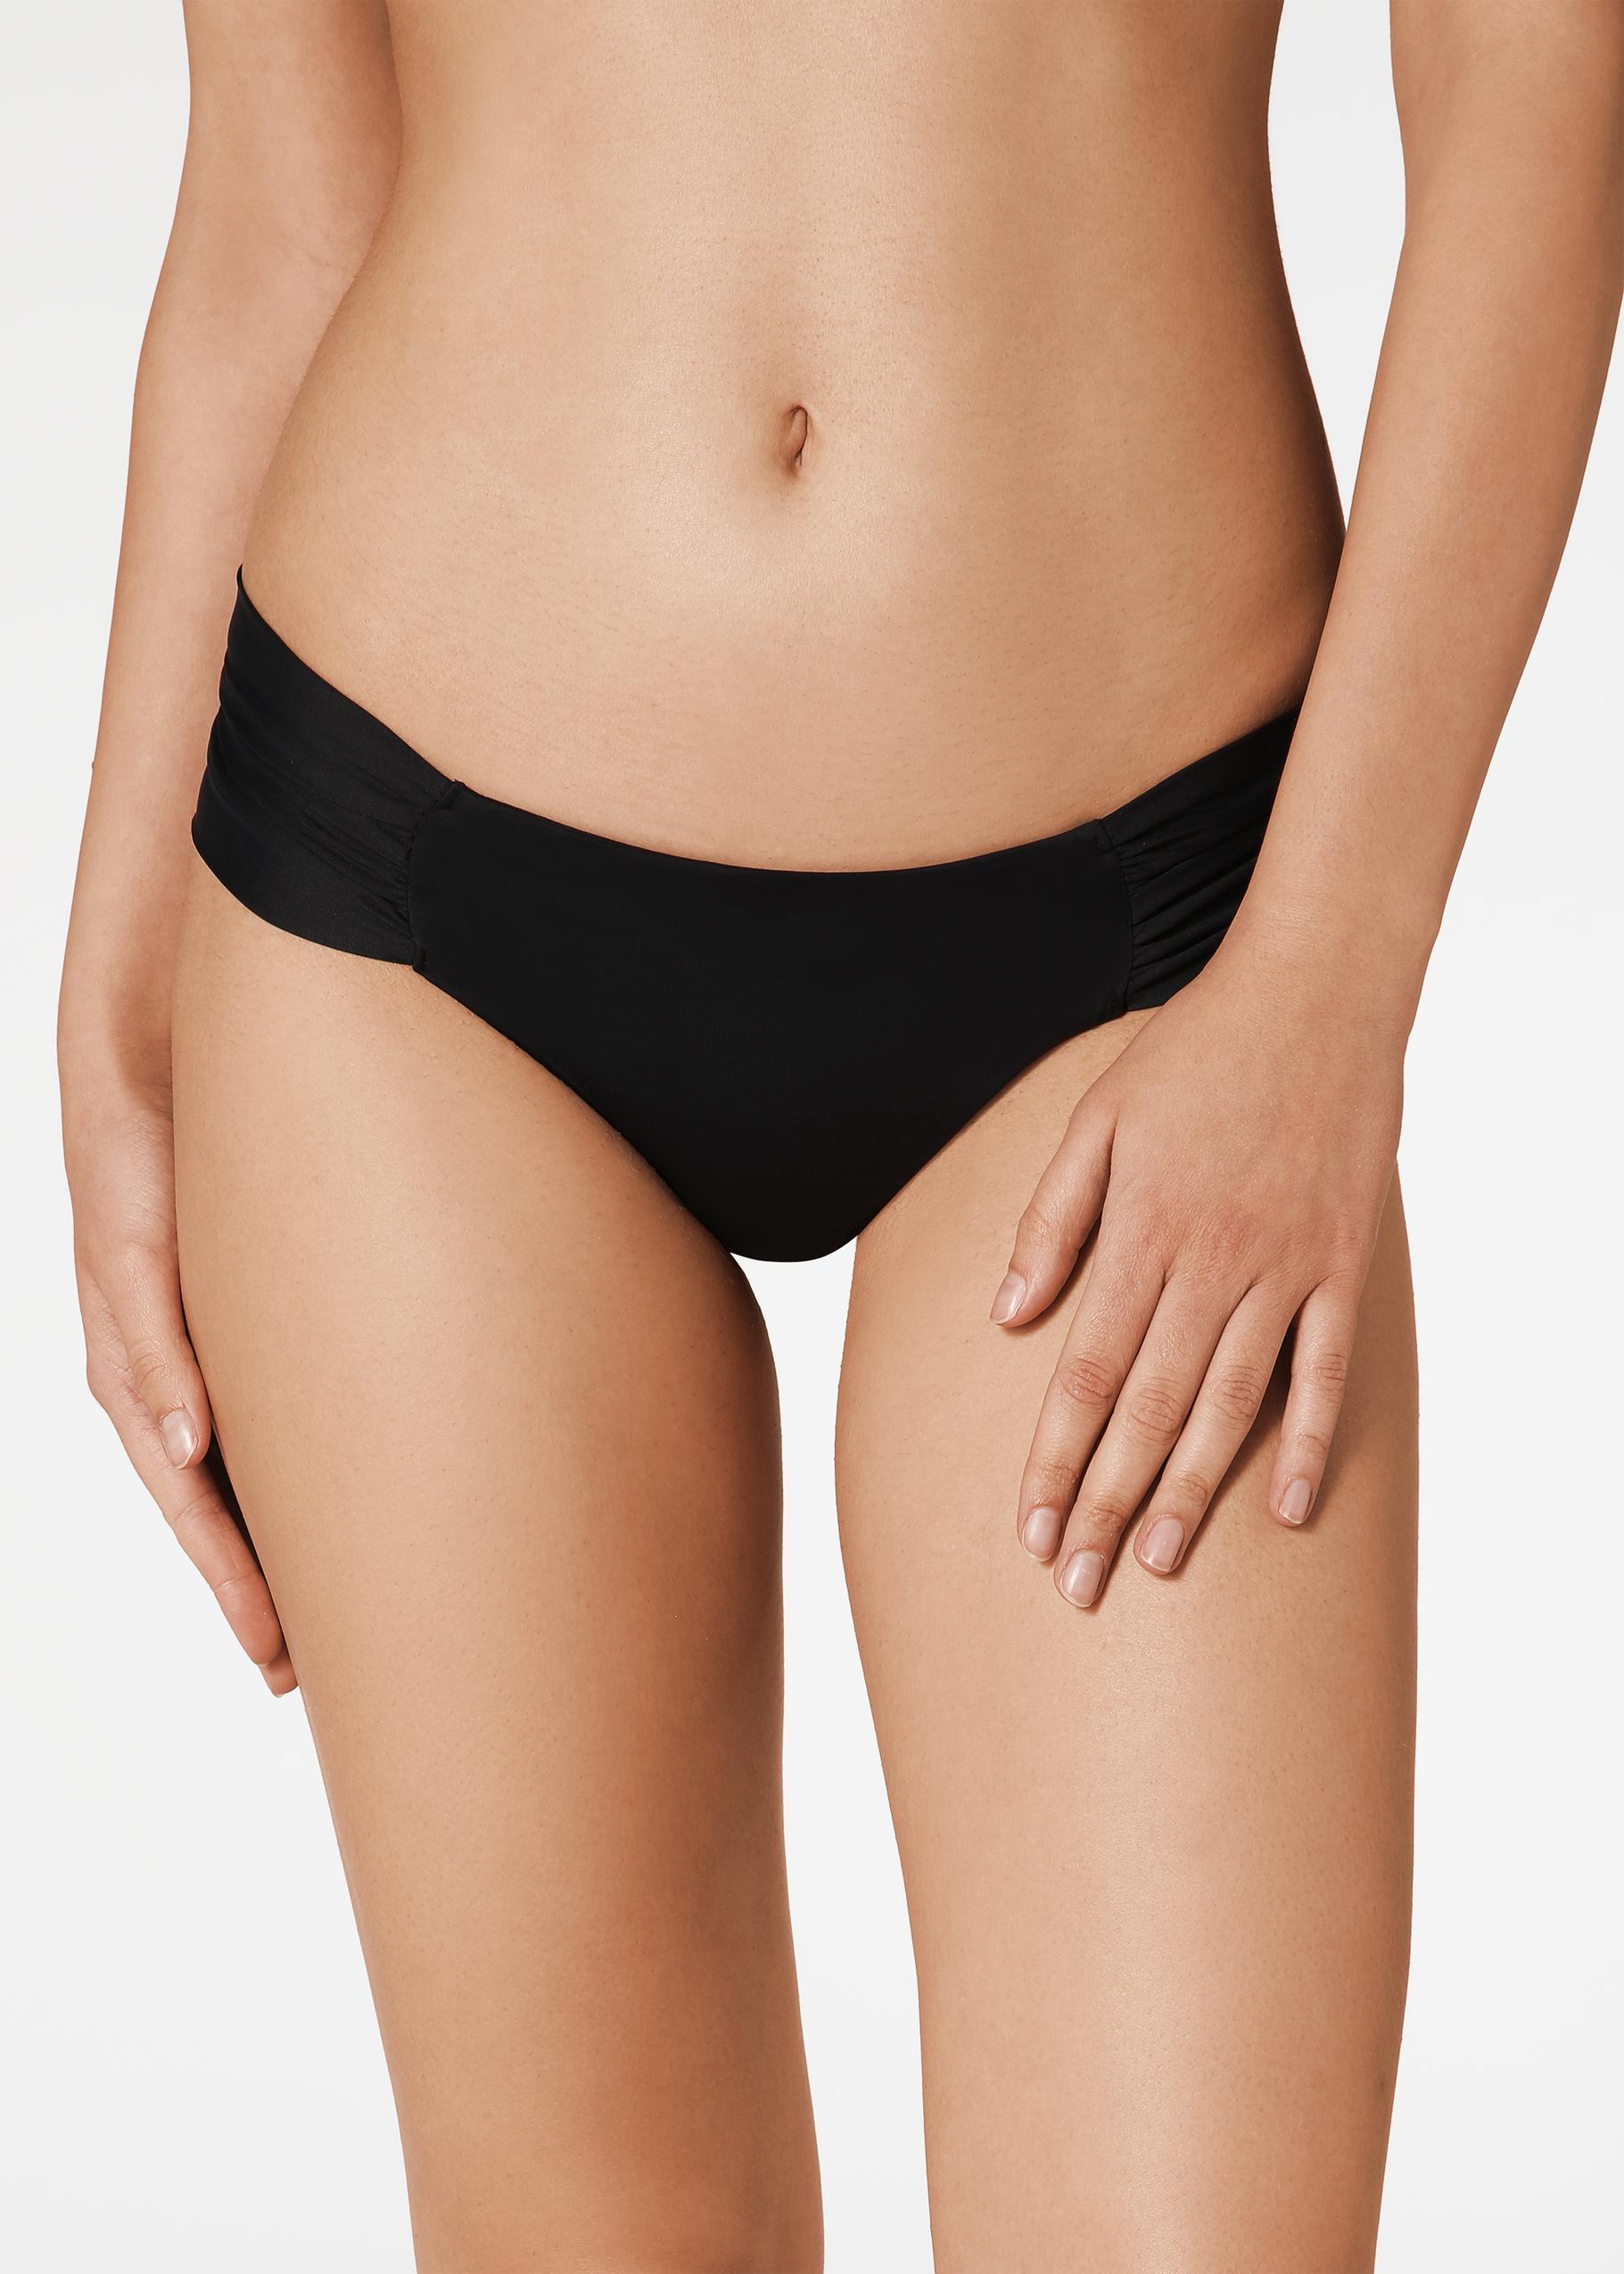 prezzo Slip Bikini Brasiliano Arriccio Indonesia in offerta